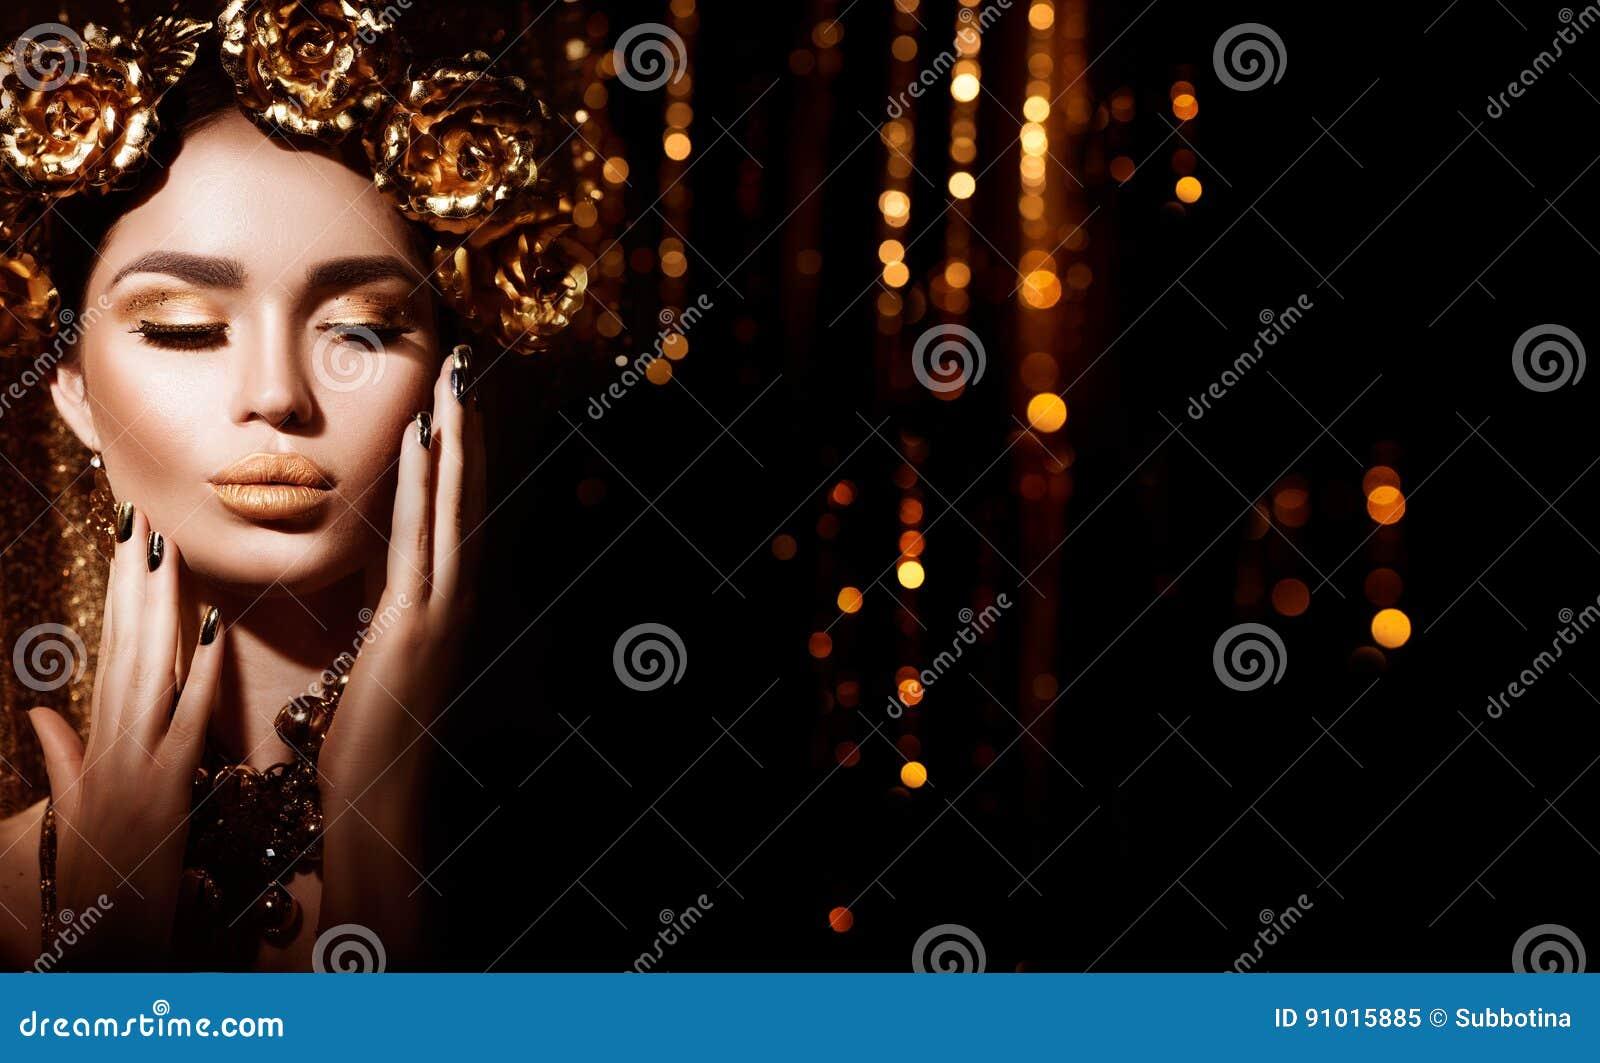 Χρυσές διακοπές hairstyle, μανικιούρ και makeup Χρυσά στεφάνι και περιδέραιο